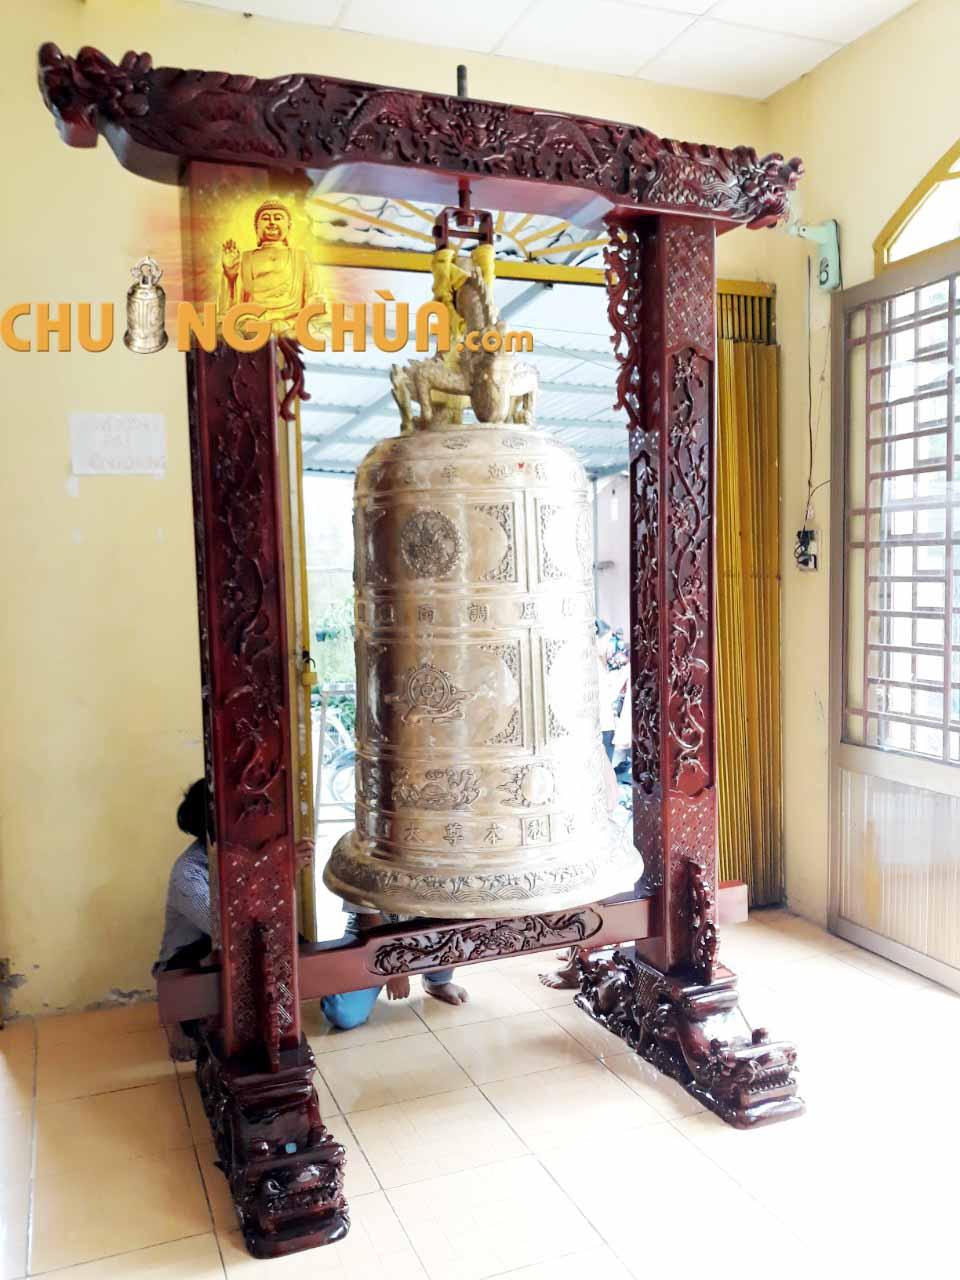 đại hồng chung nặng 500kg